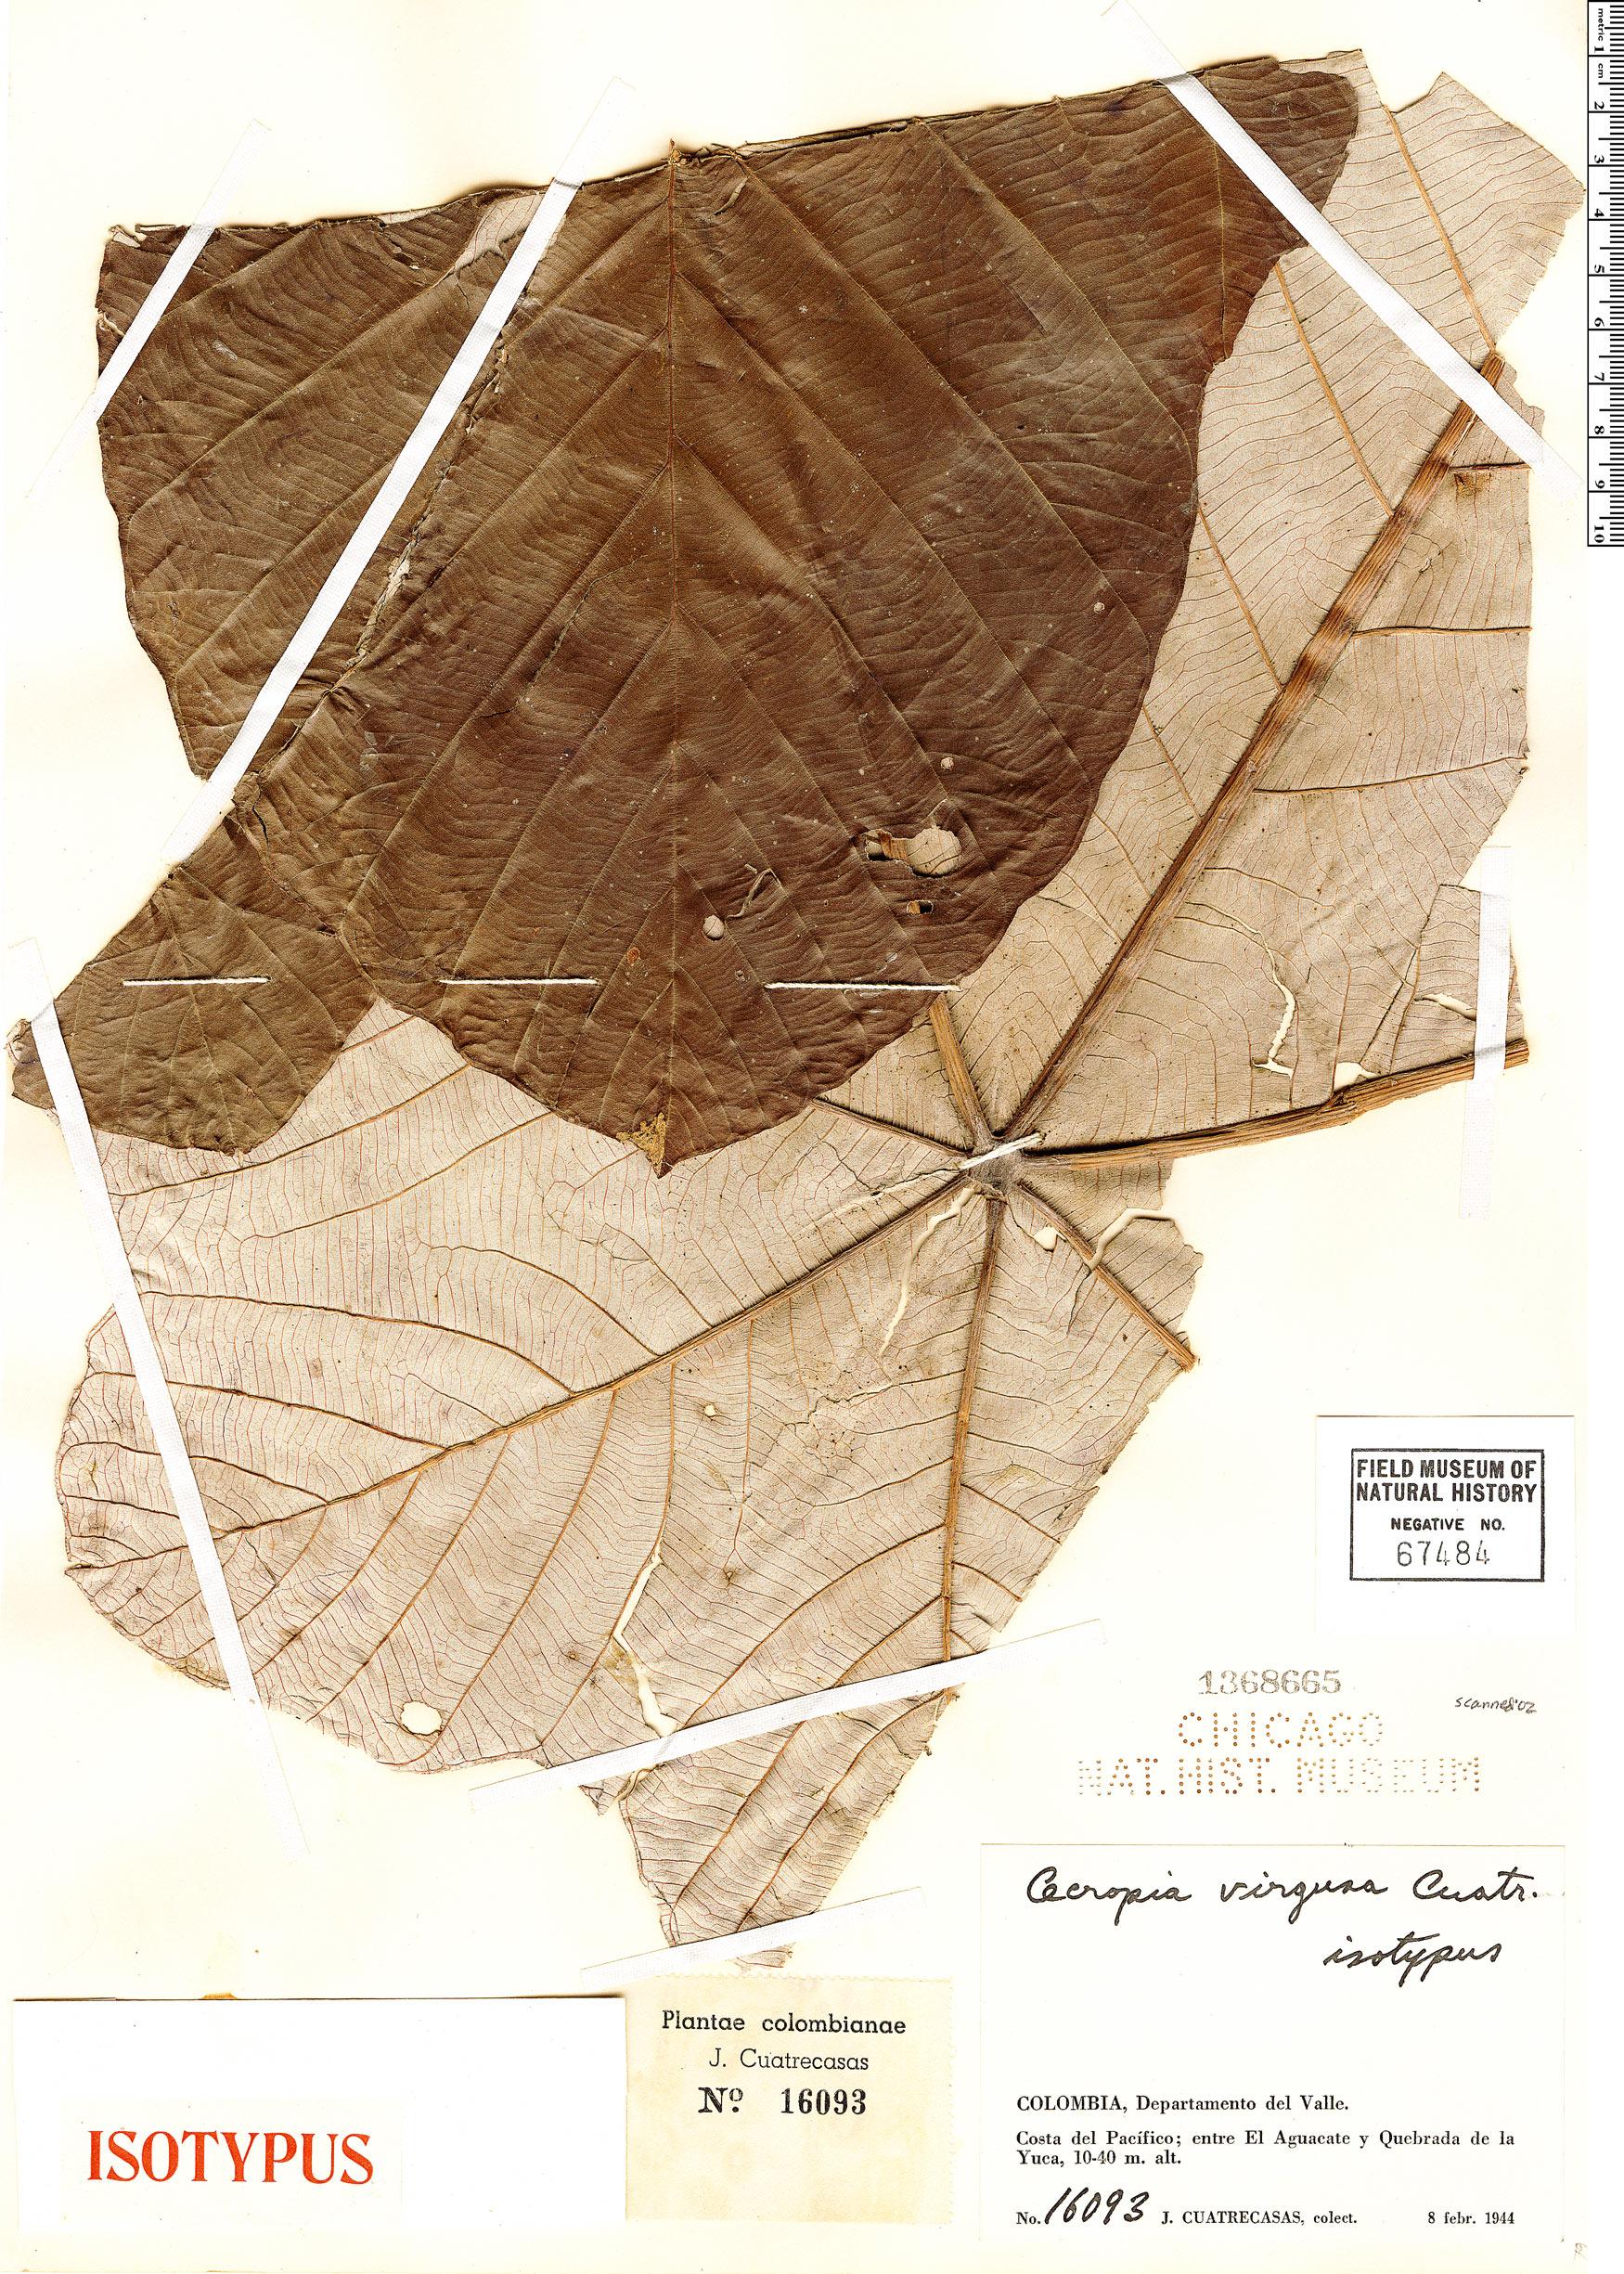 Specimen: Cecropia virgusa